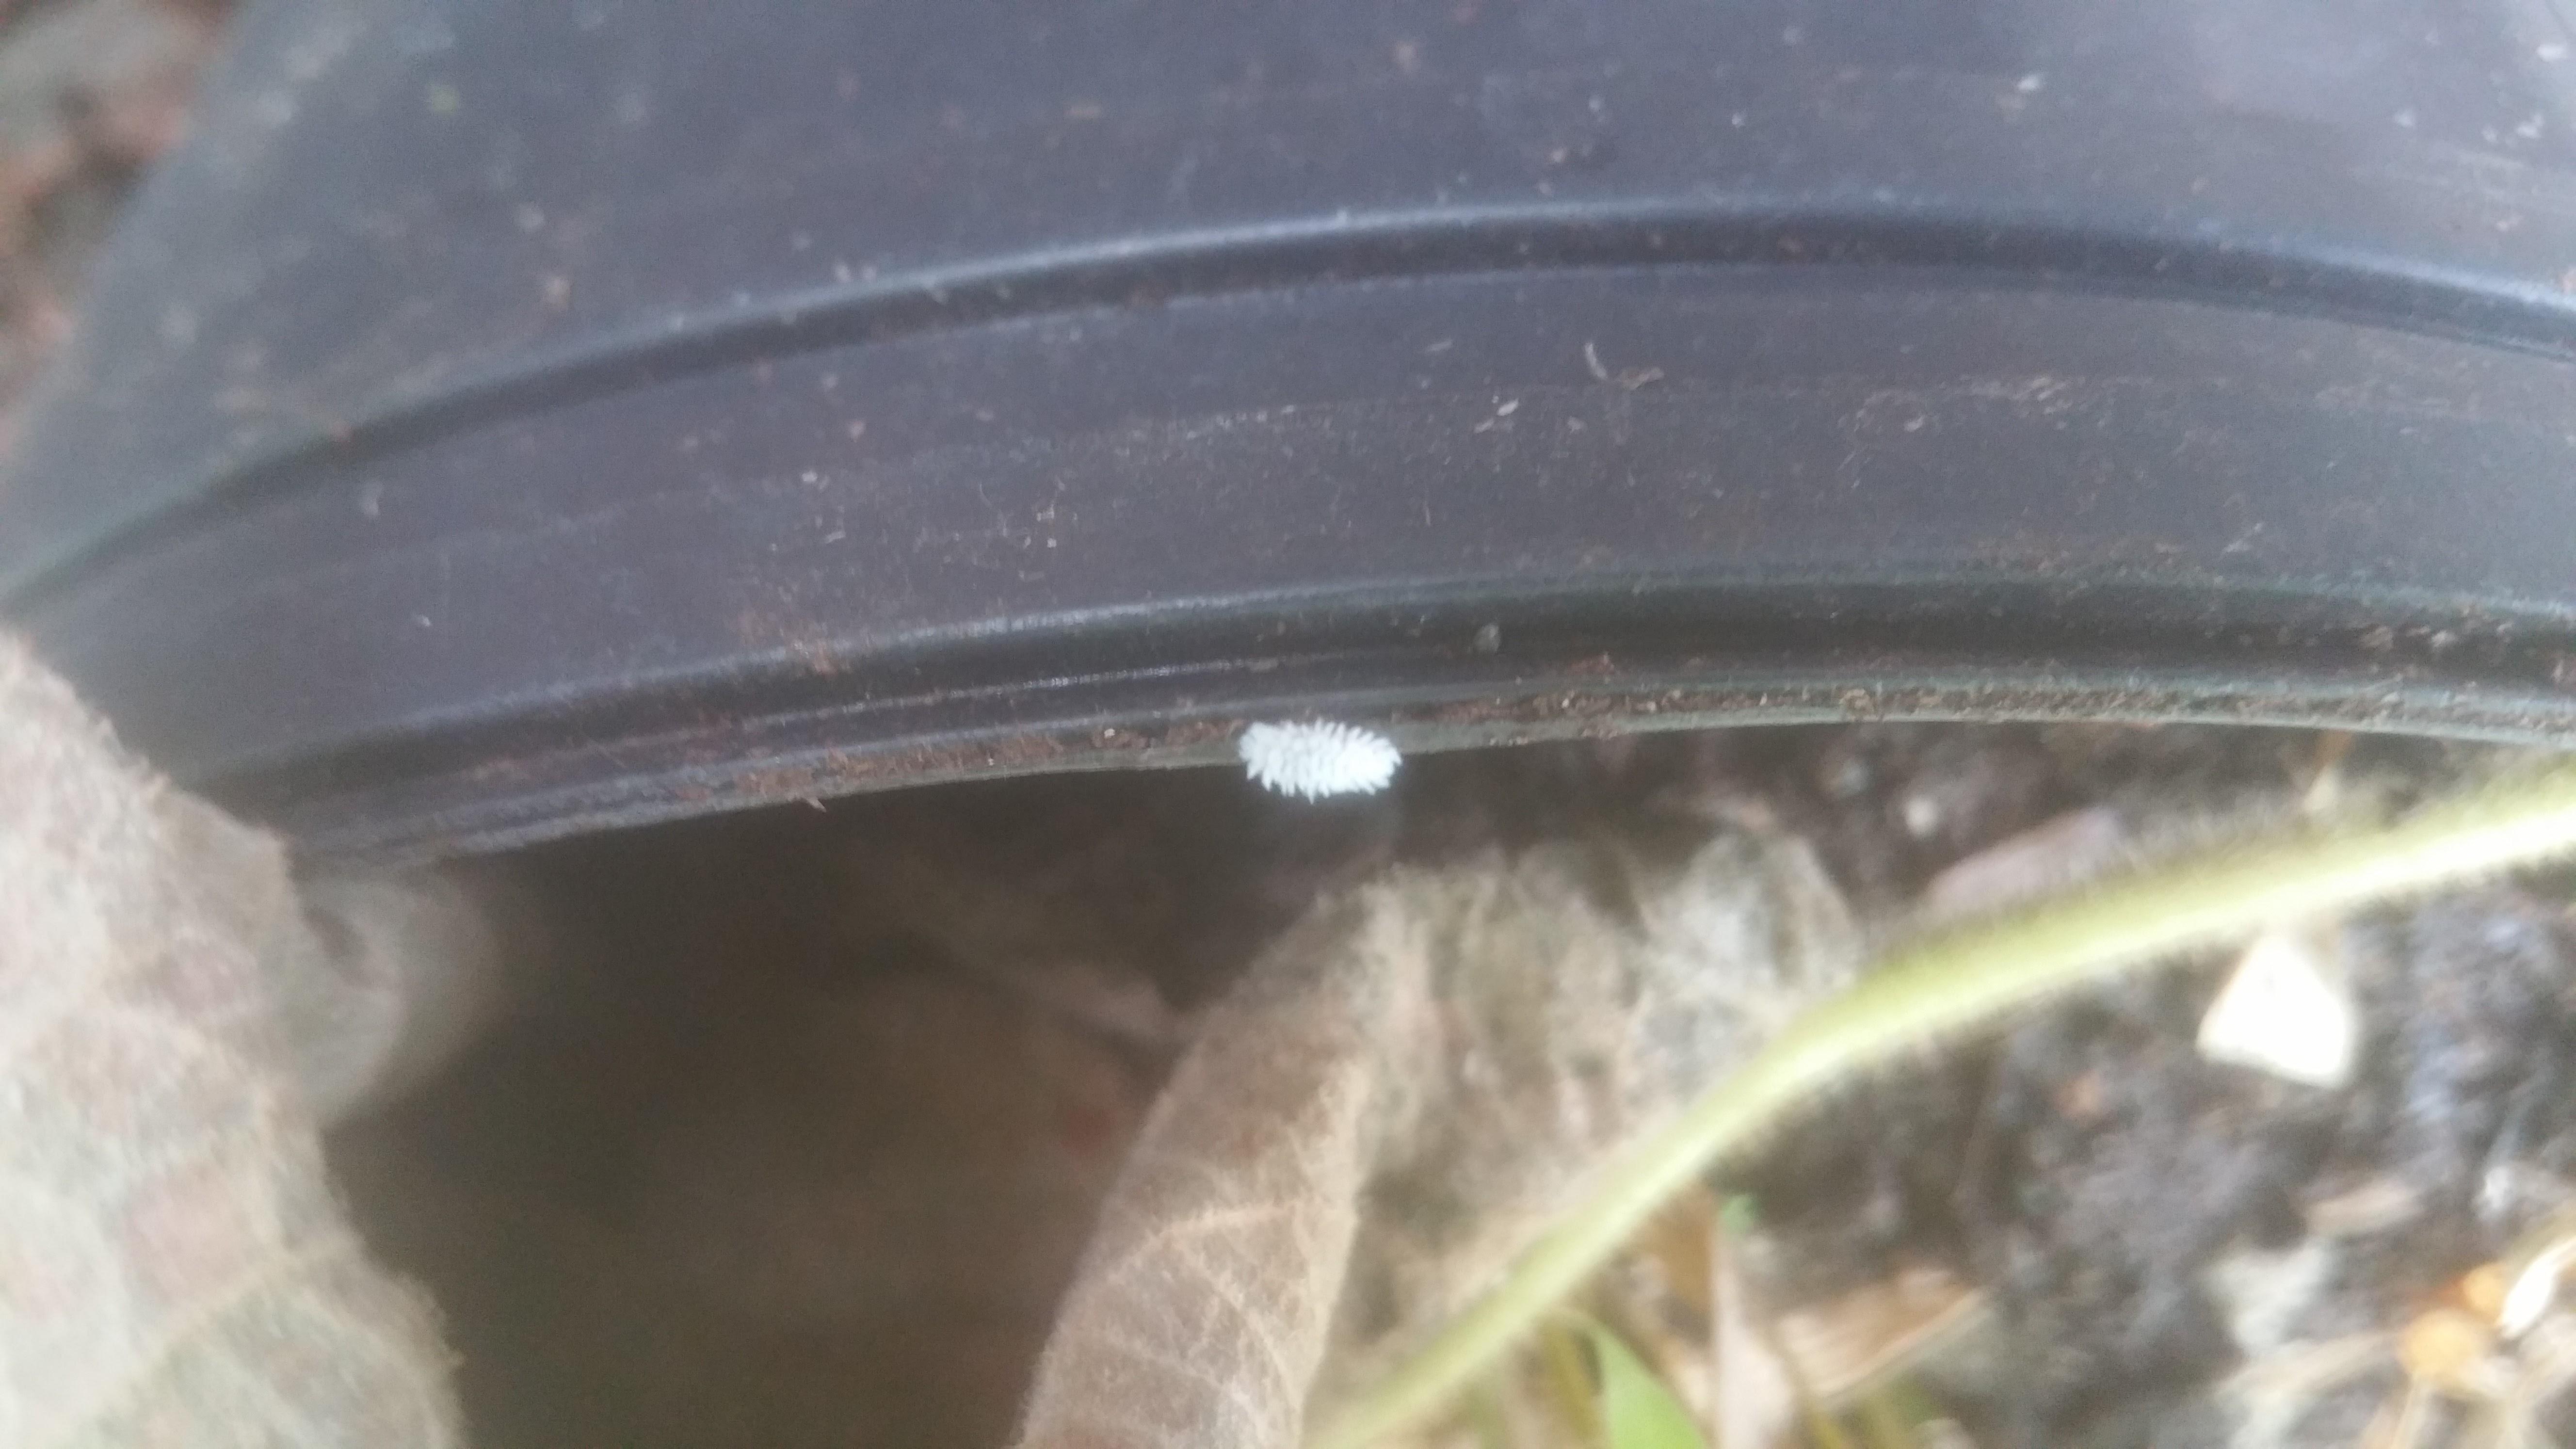 Mealybug Destroyer larvae